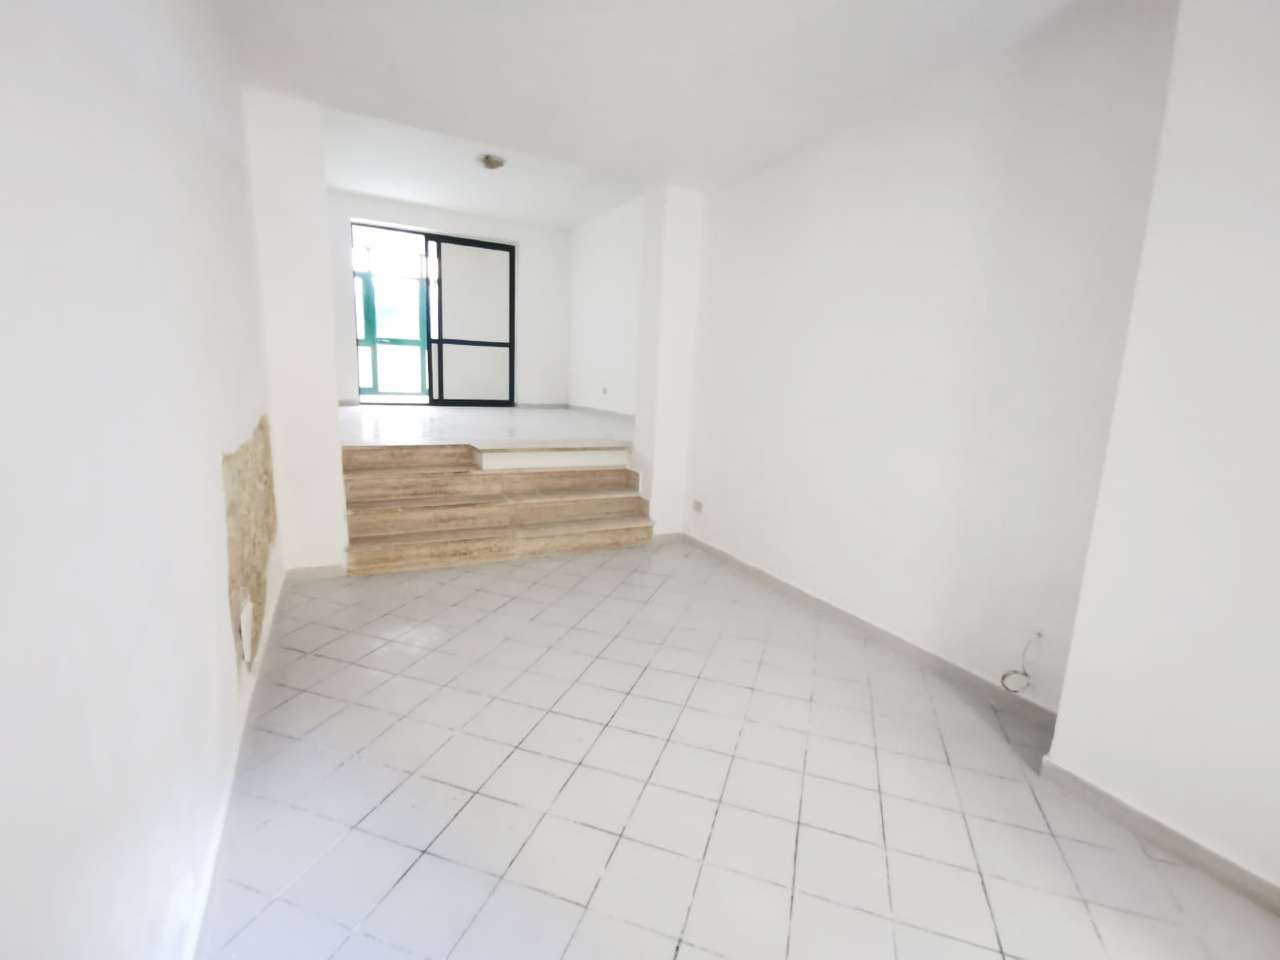 Appartamento in Affitto a Palermo: 2 locali, 40 mq